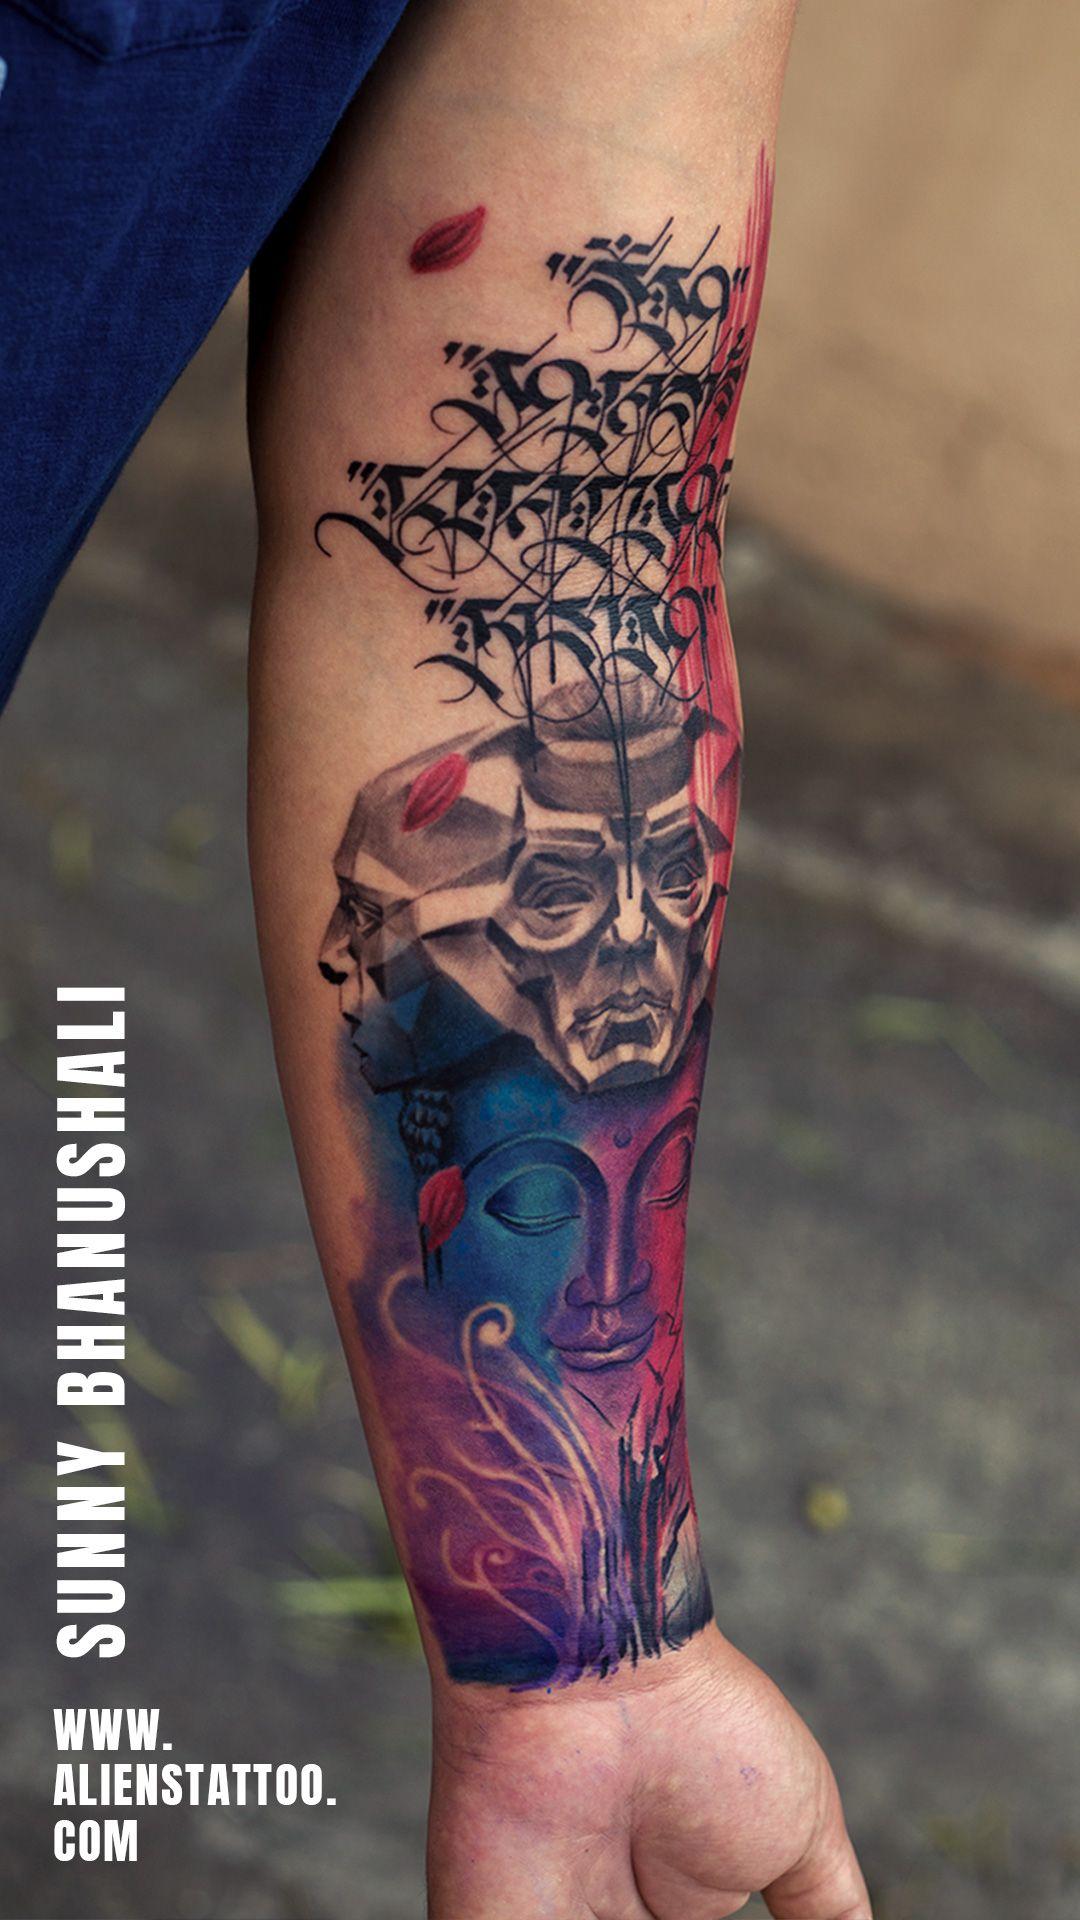 Buddha Tattoo Tibetan Script Tattoo Colour Tattoo In 2020 Tattoo Font For Men Colour Tattoo For Women Alien Tattoo